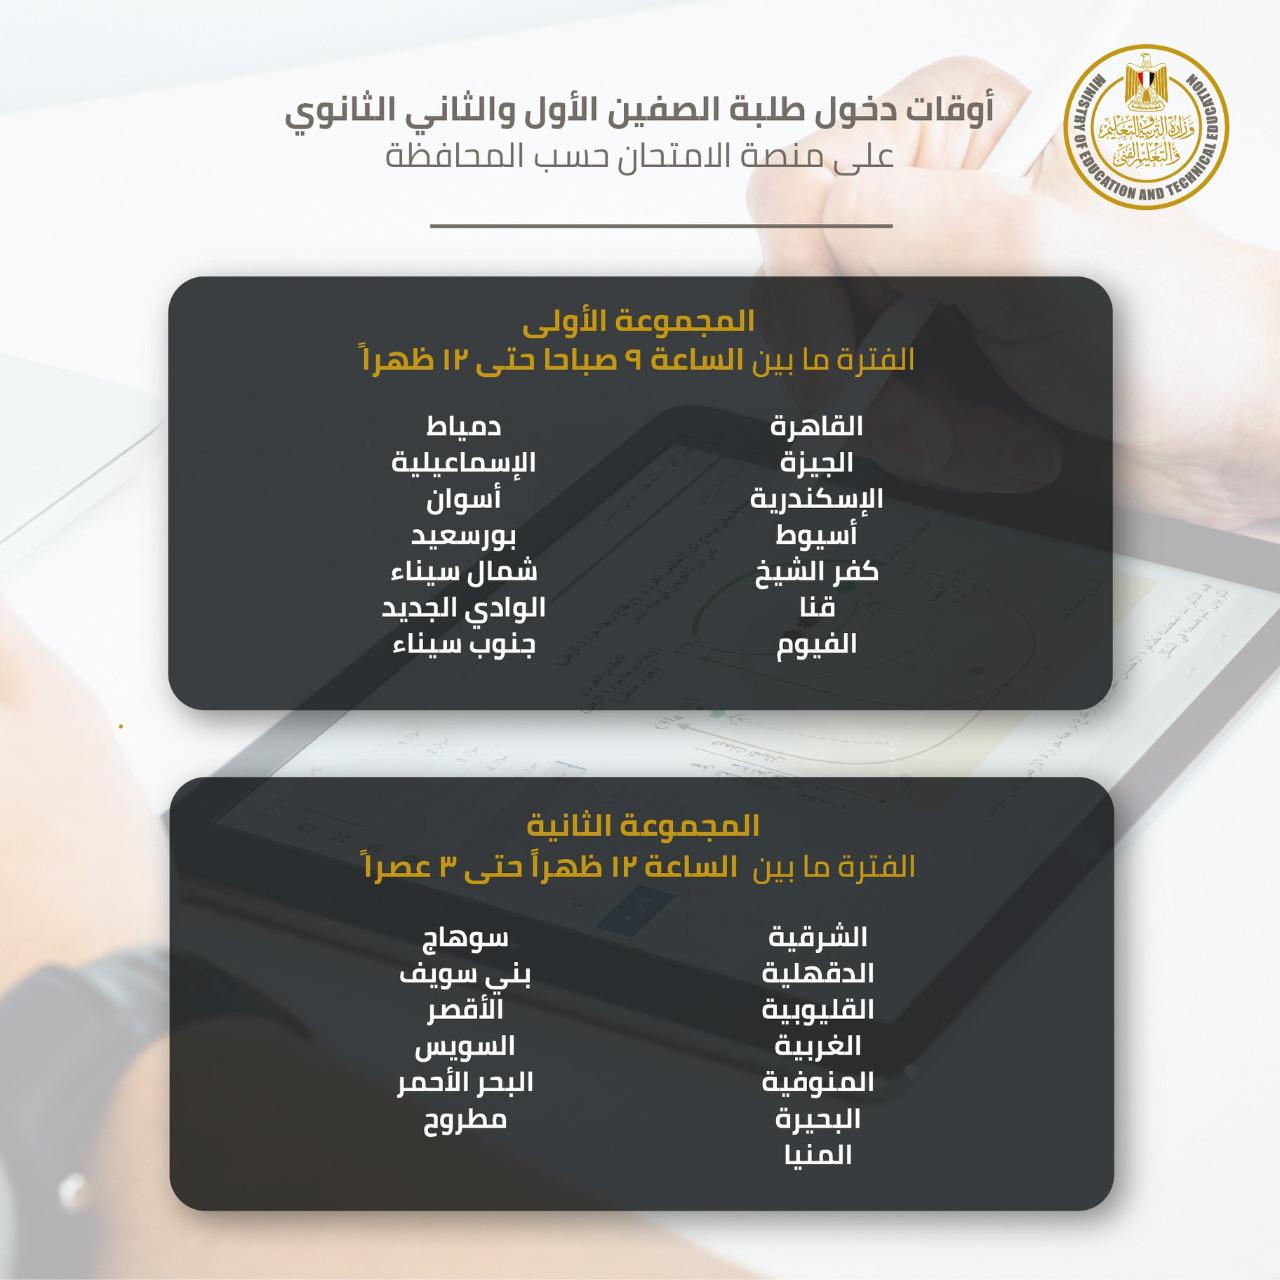 موعد امتحانات الصف الاول والثاني الثانوي